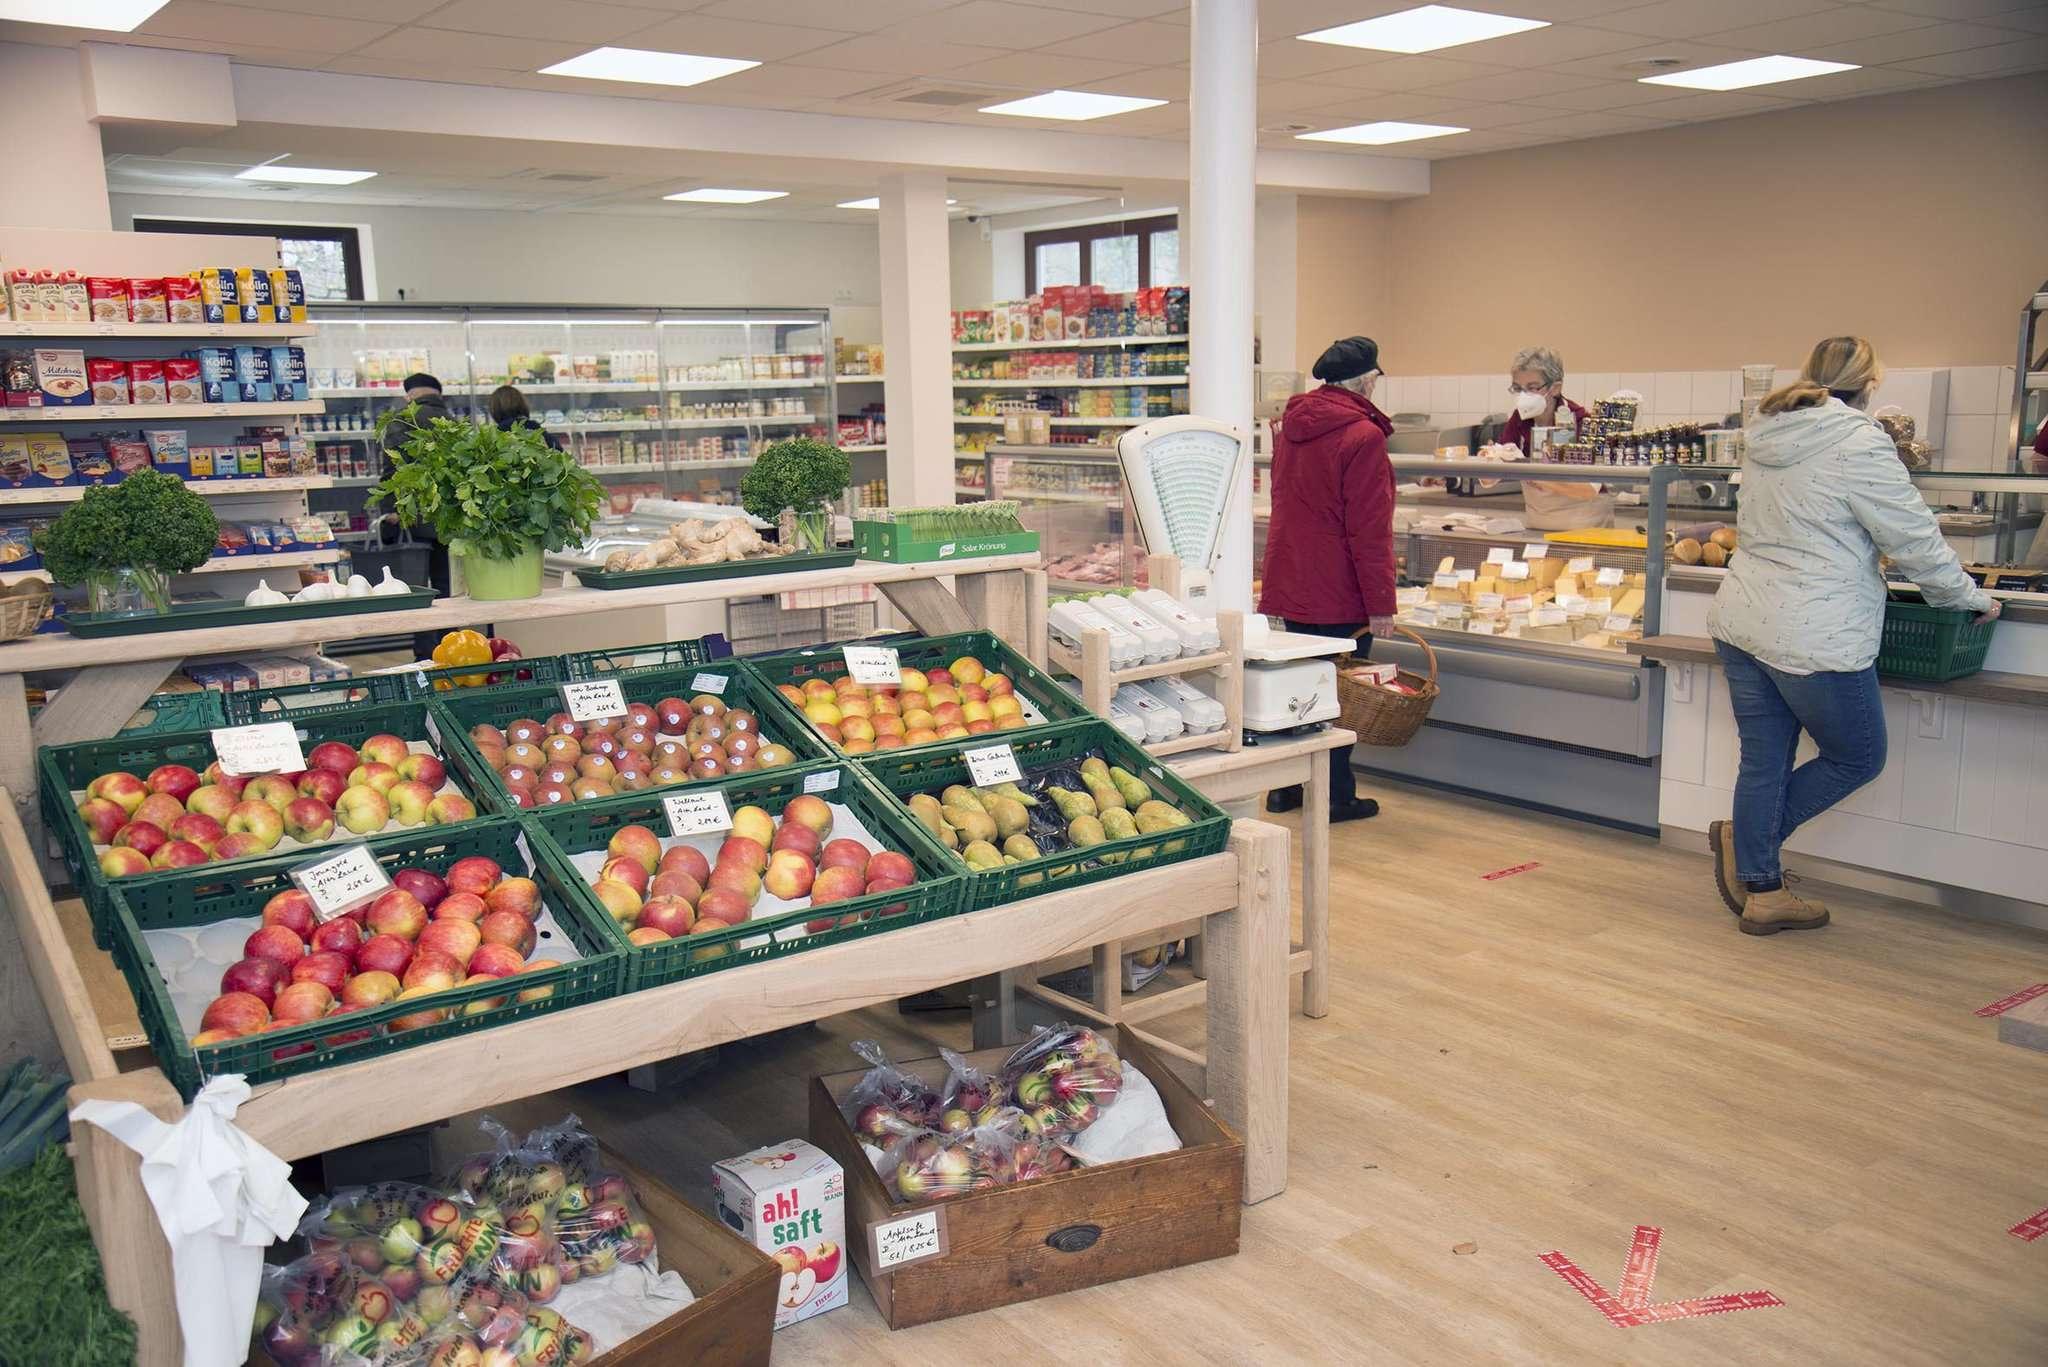 Die Kunden freuen sich über das helle Ambiente und die große Auswahl. Rund 2.000 Artikel sind im Dorfladen in Otterstedt im Angebot. Foto: Dietmar Plath